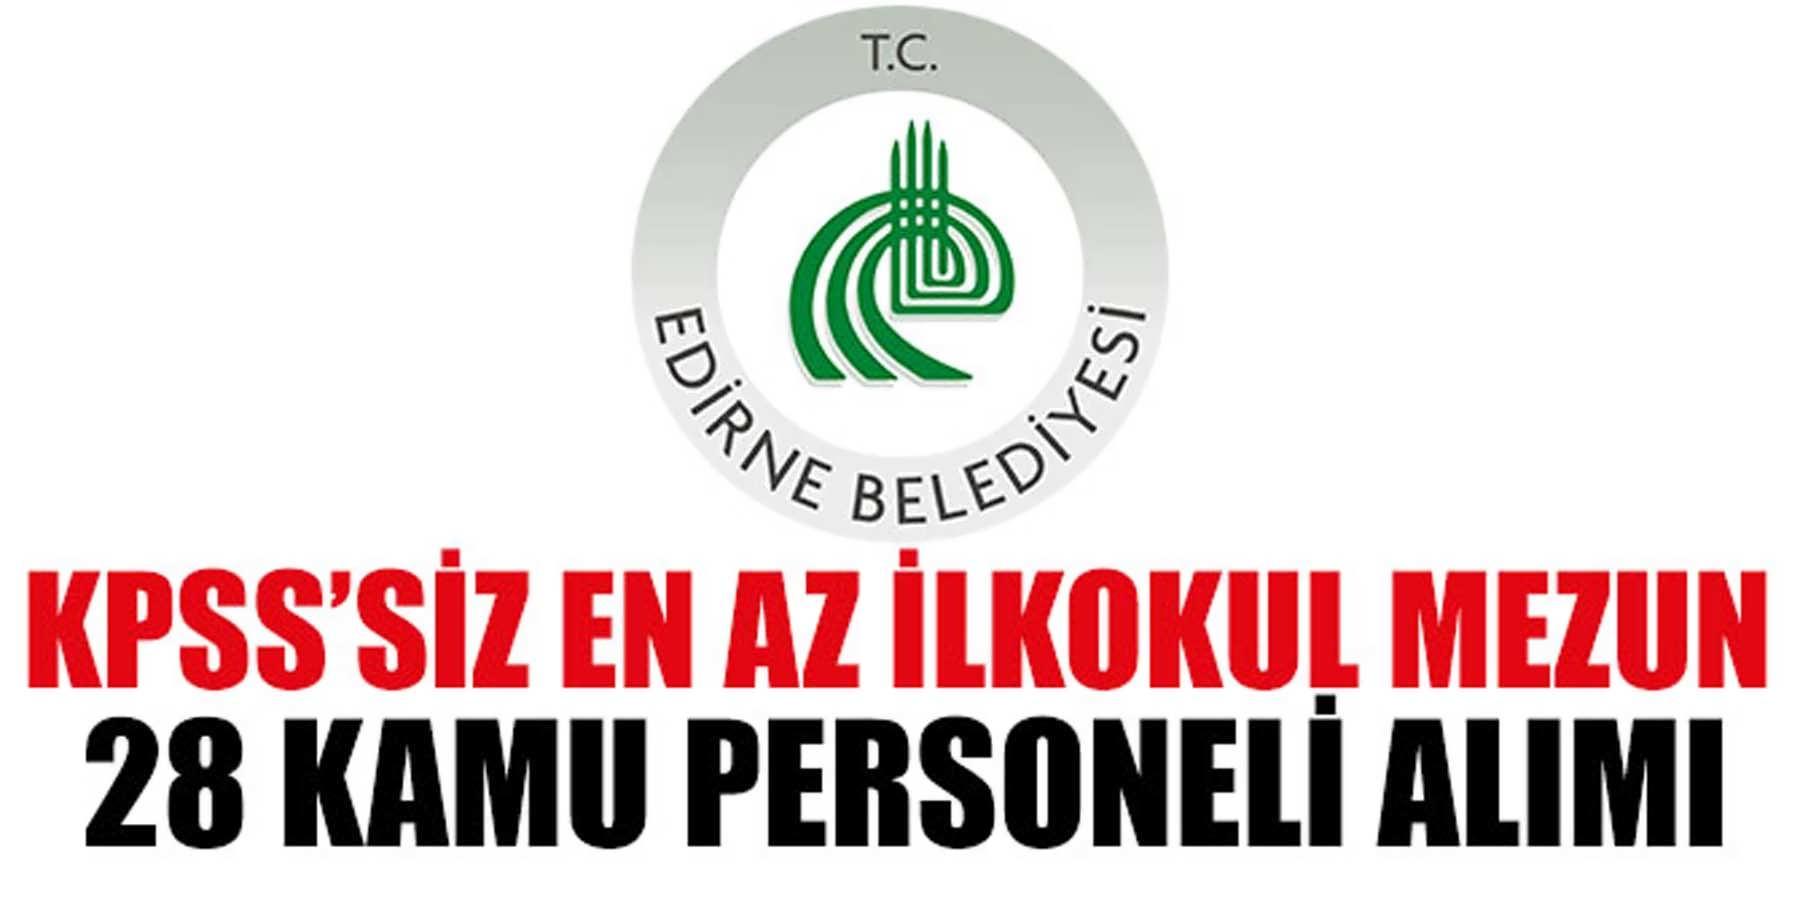 Edirne KPSS'SİZ En Az İlkokul Mezunu 28 Kamu Personeli Alımı